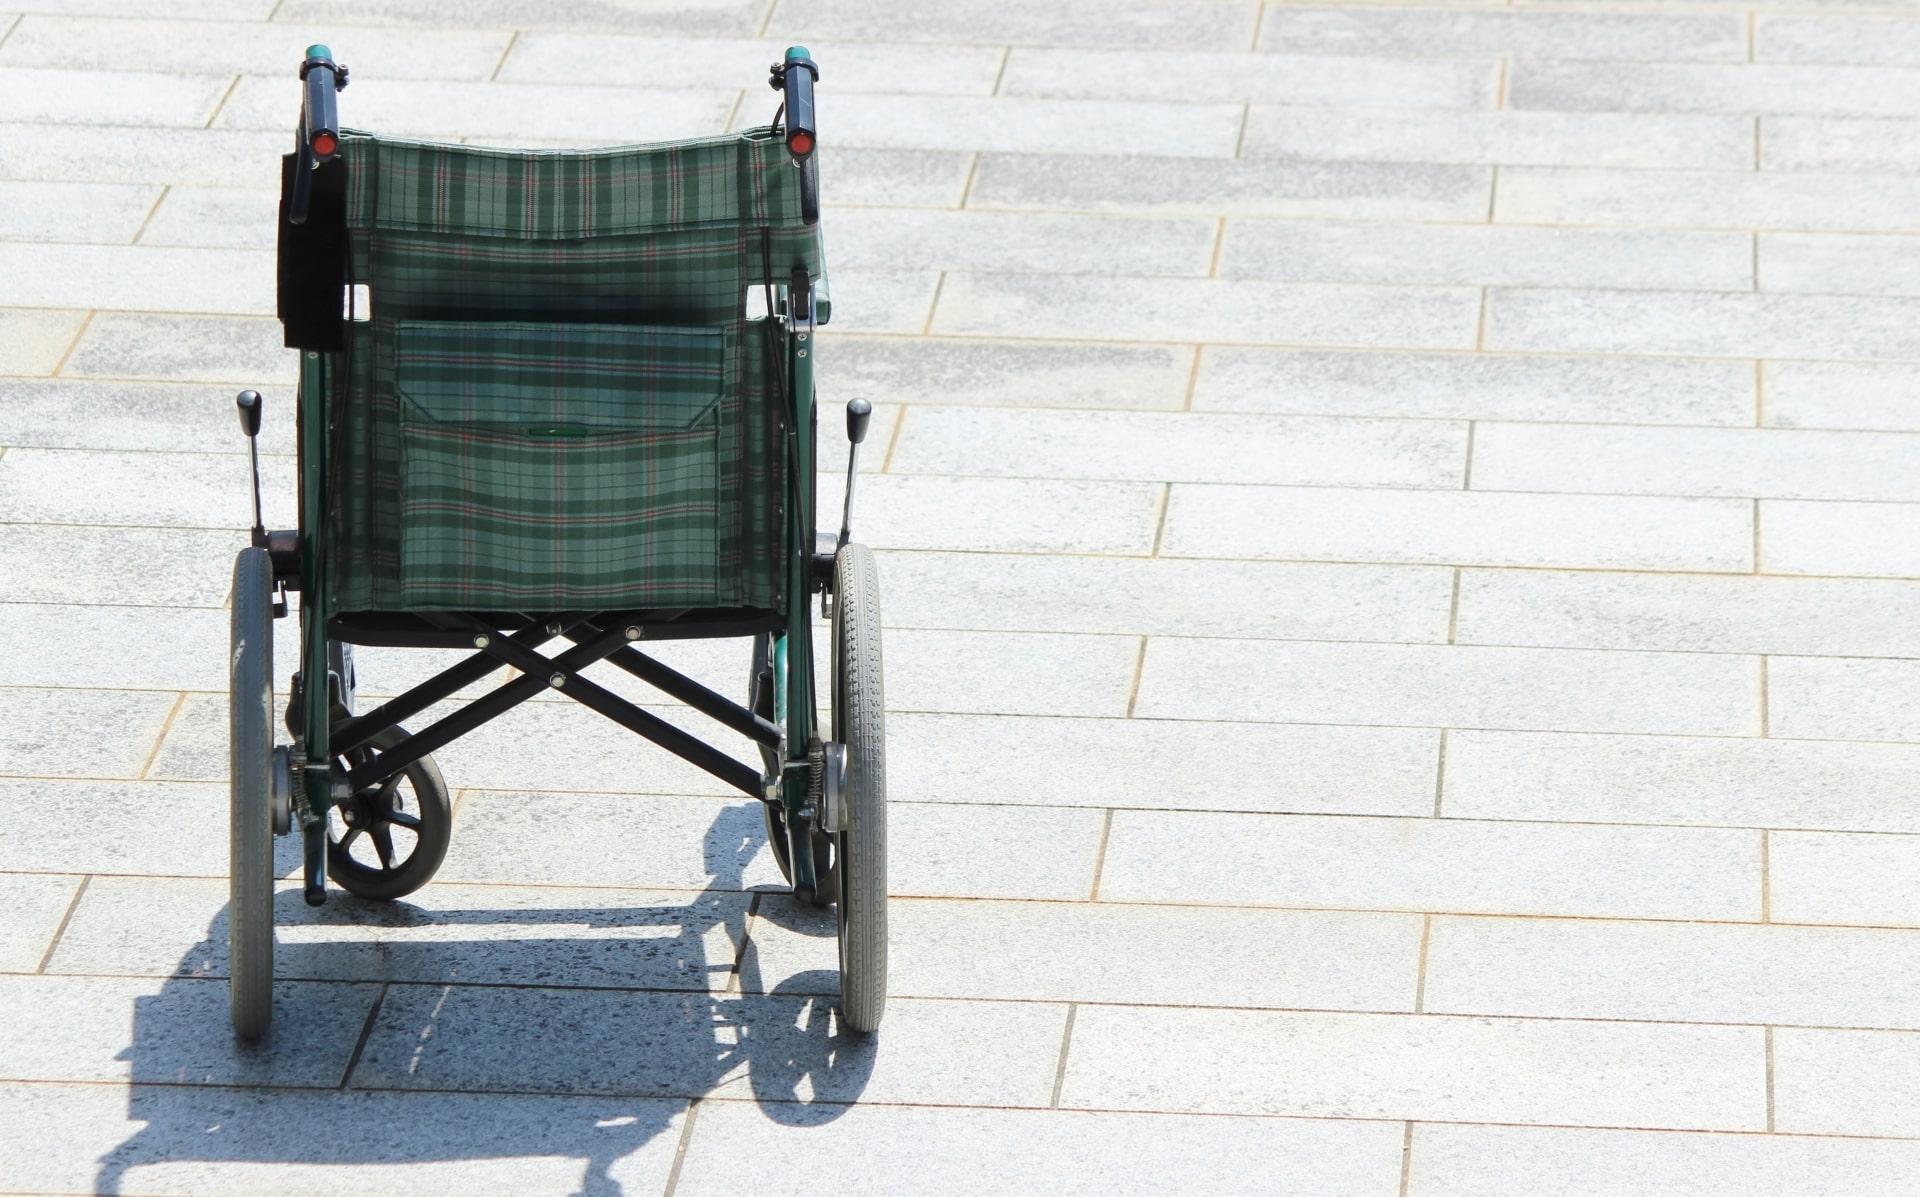 老障介護の問題をなくすために、親あるあいだにできること